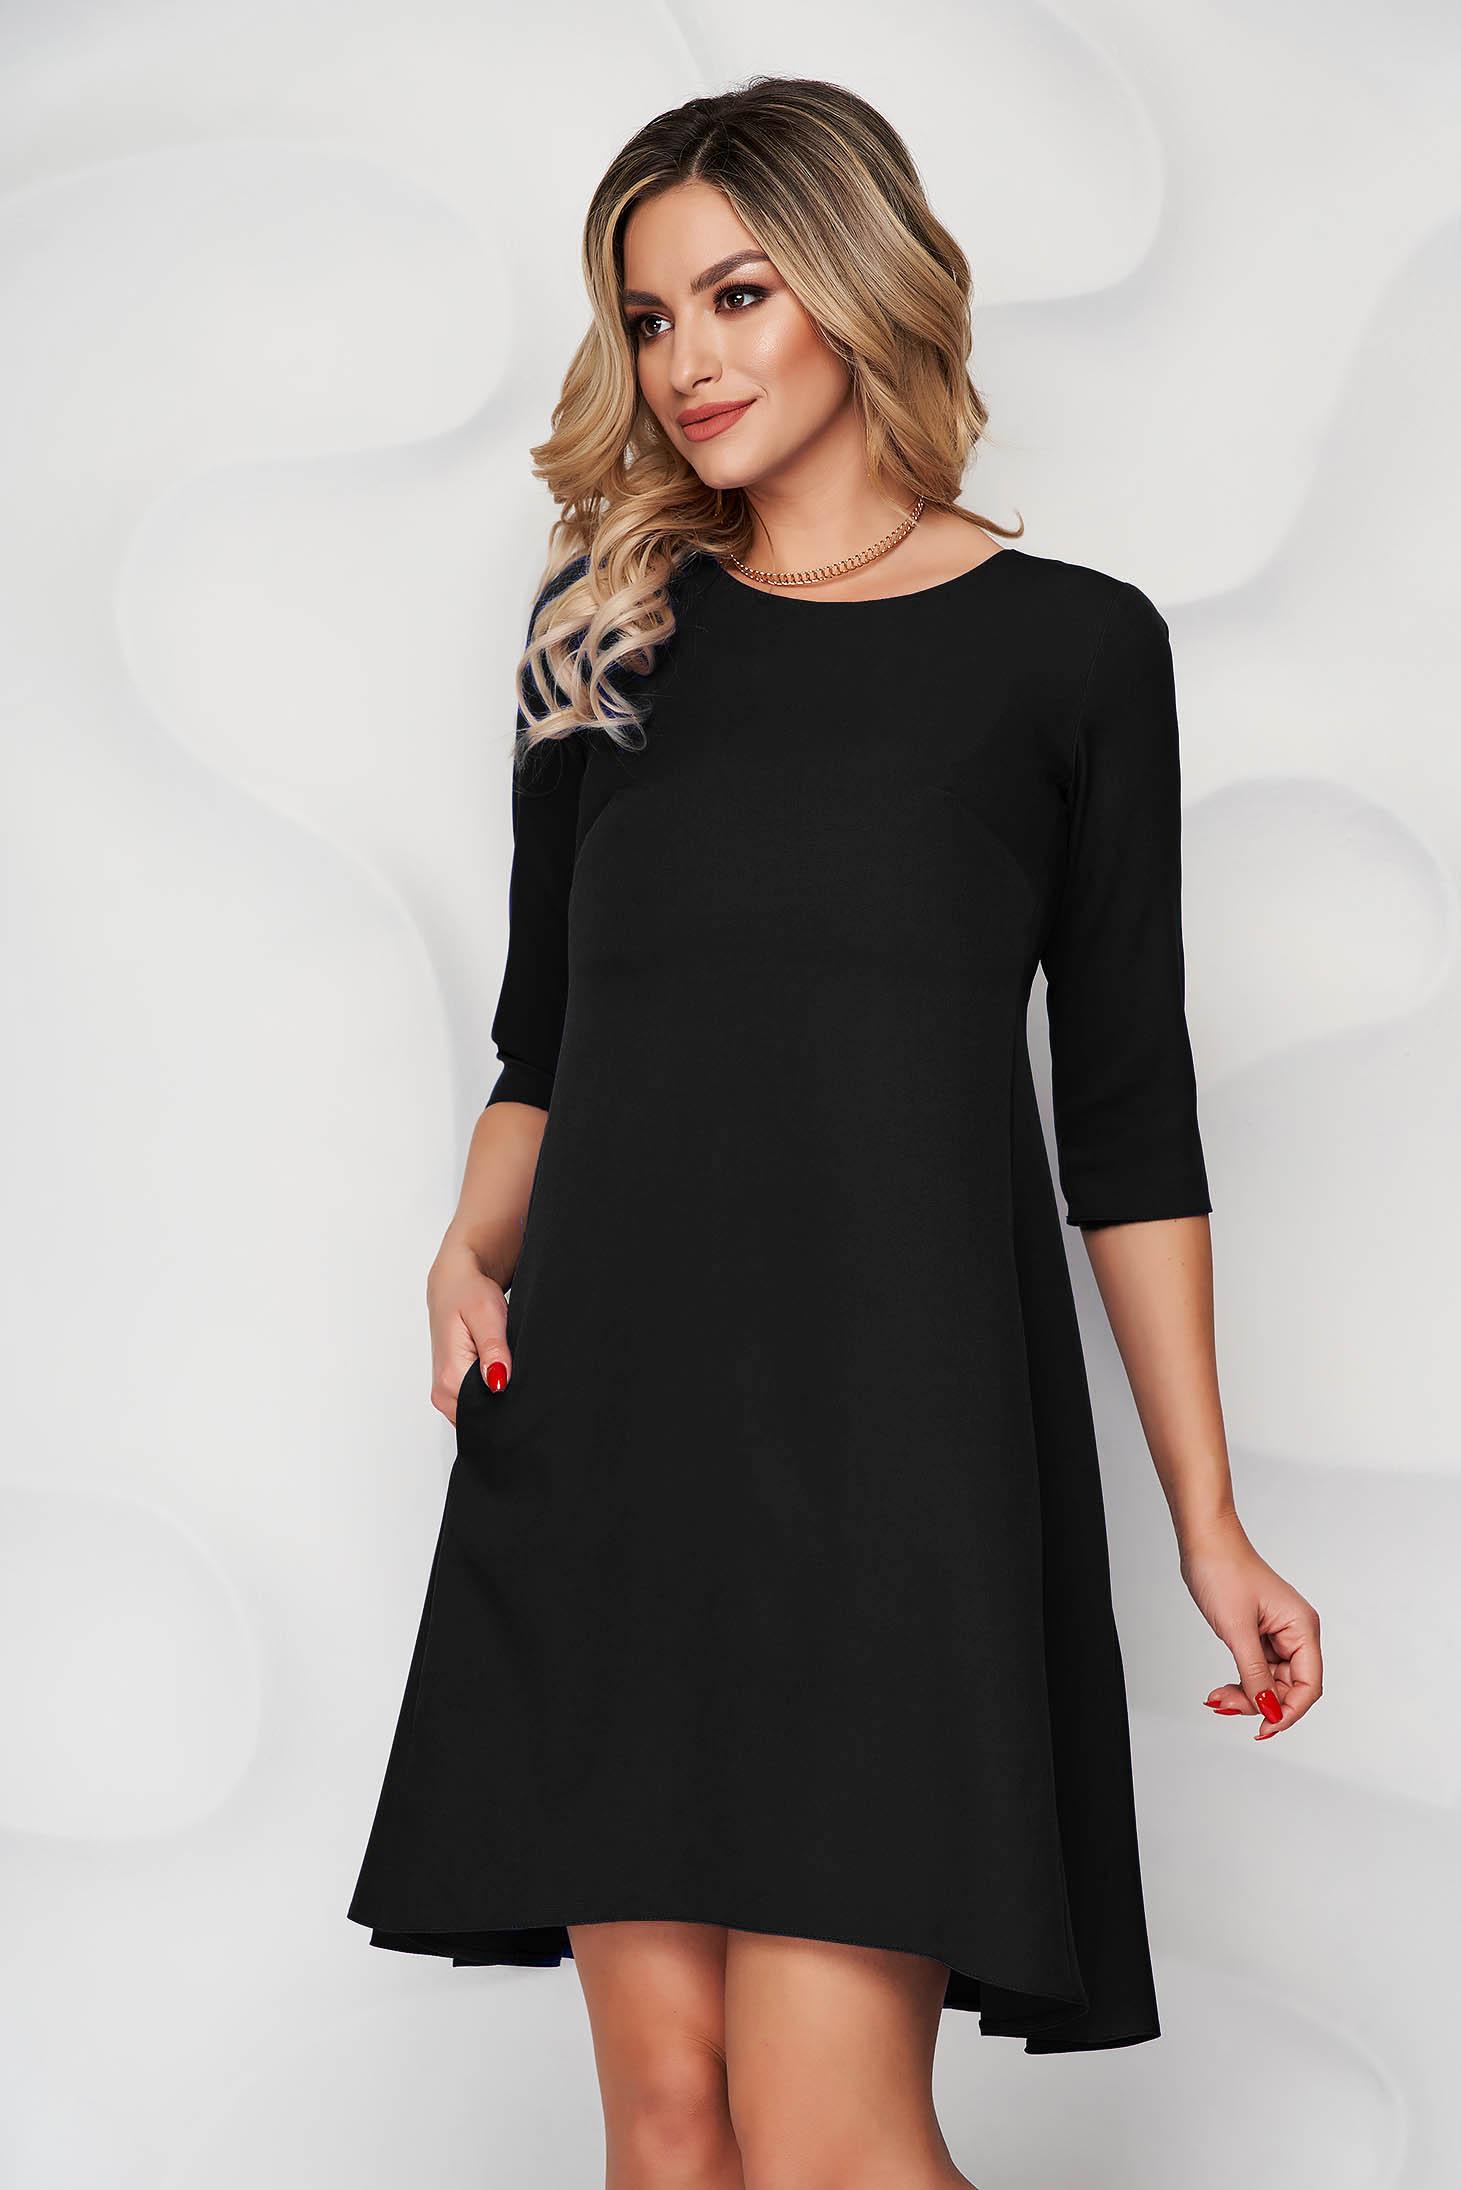 Rochie neagra cu croi in a din stofa usor elastica si decolteu rotunjit